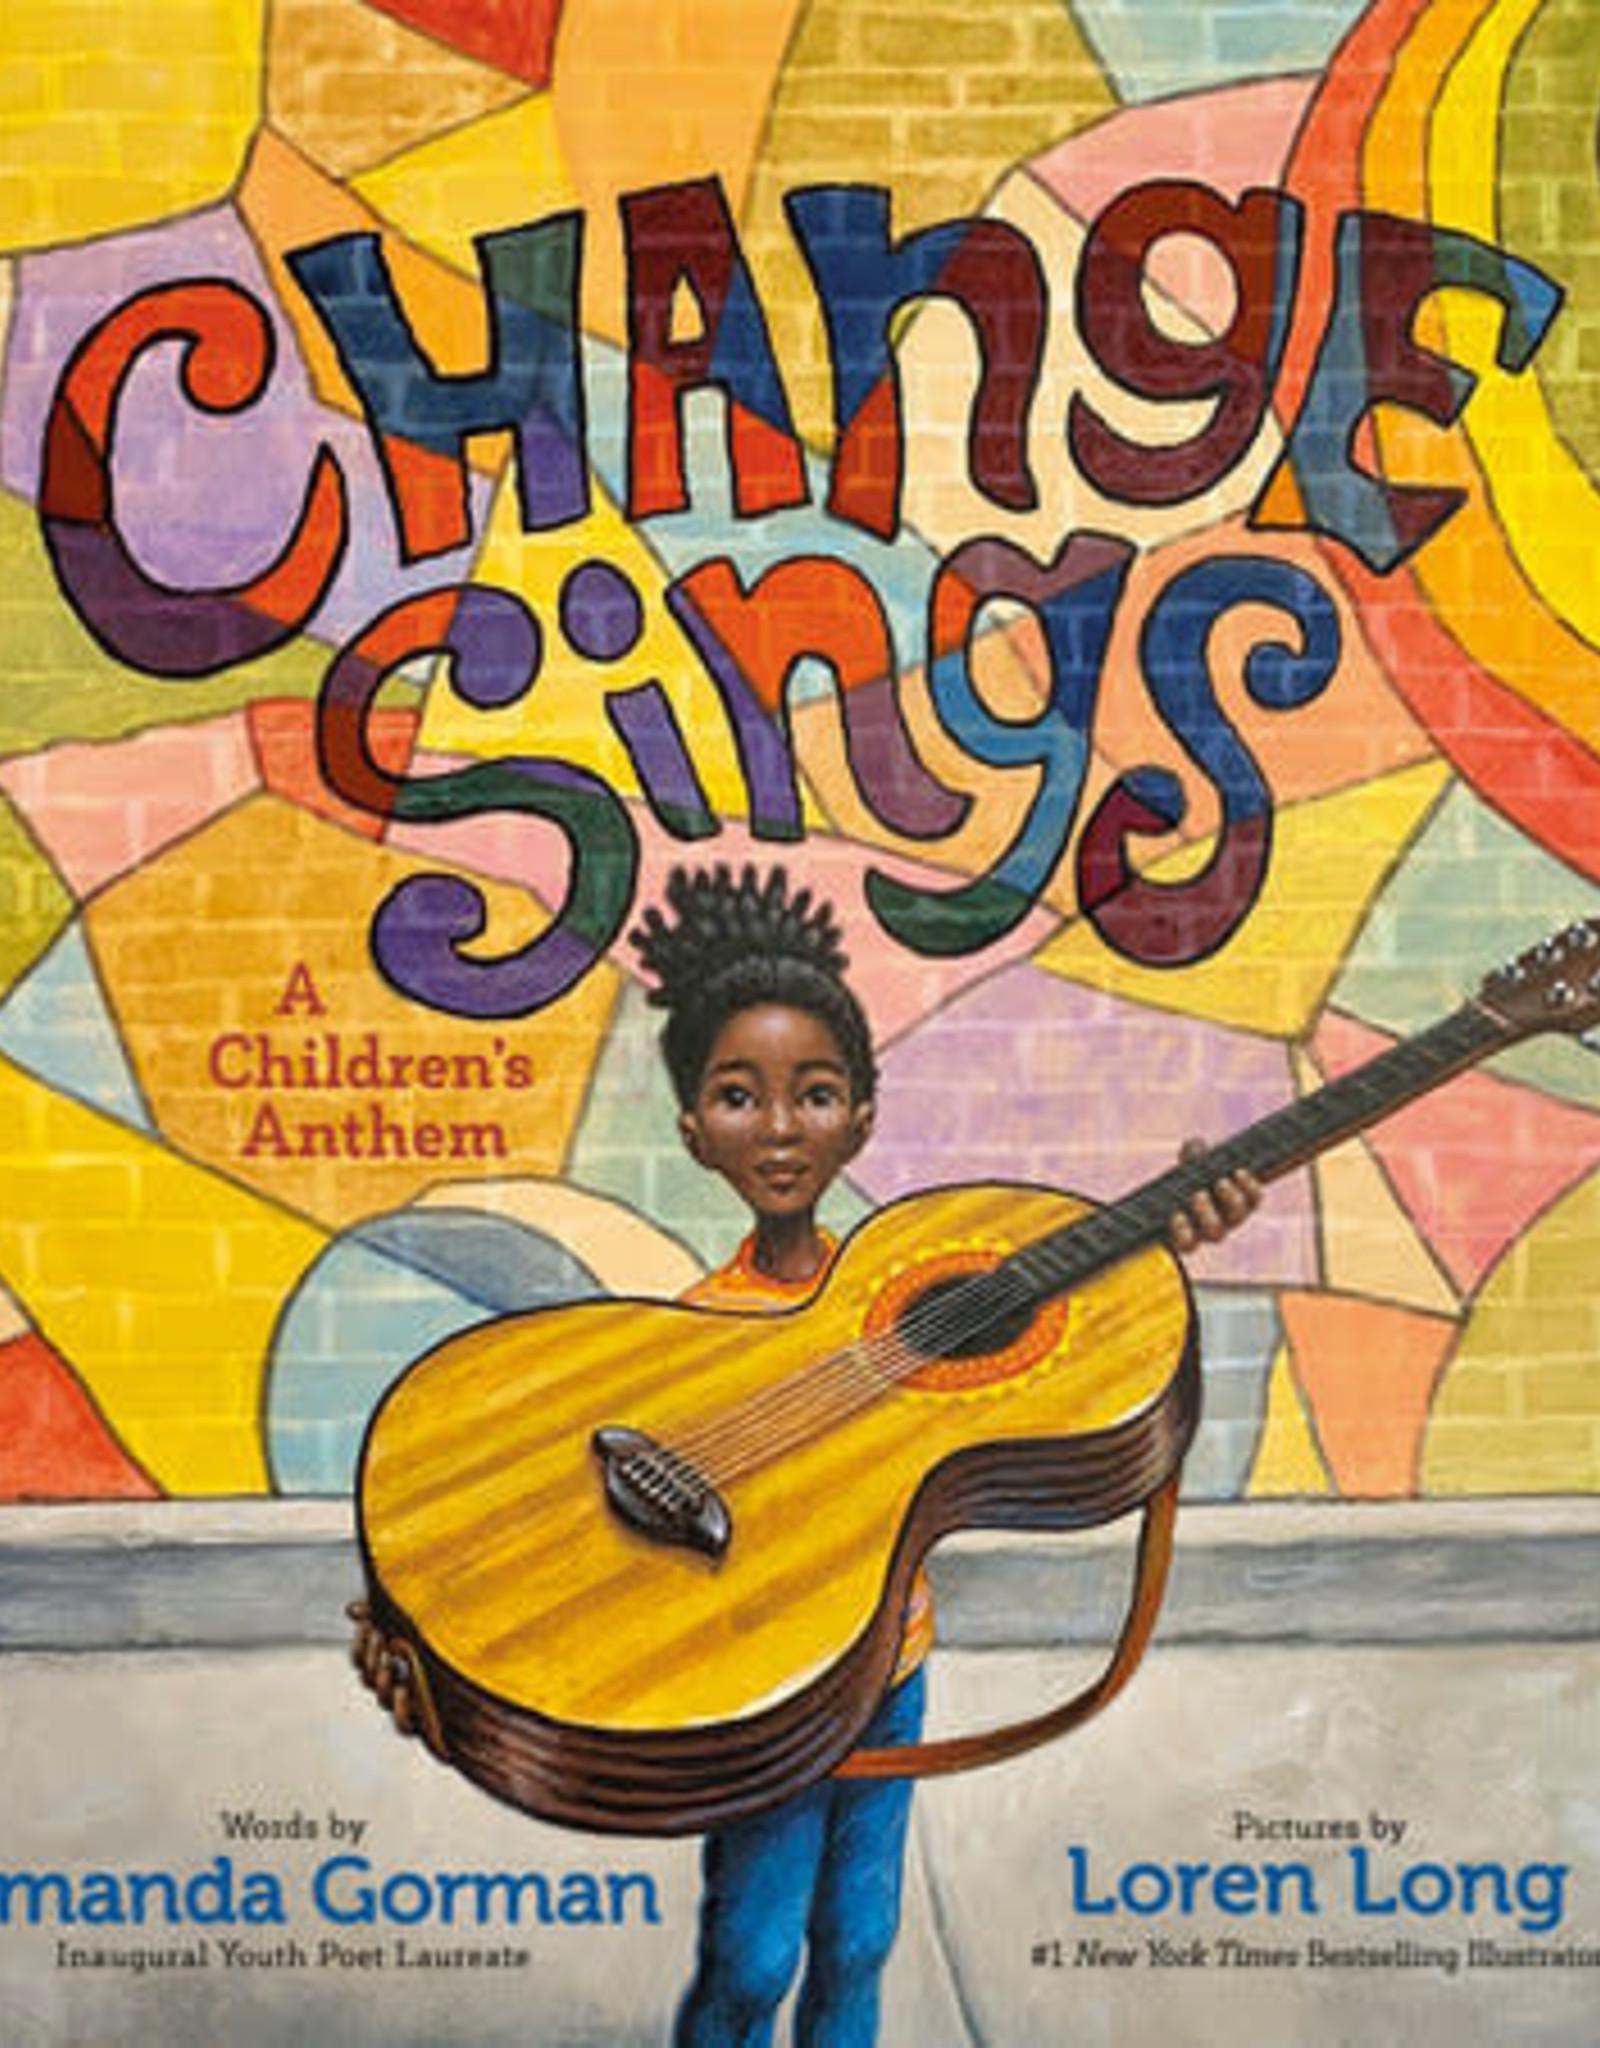 Random House/Penguin Change Sings